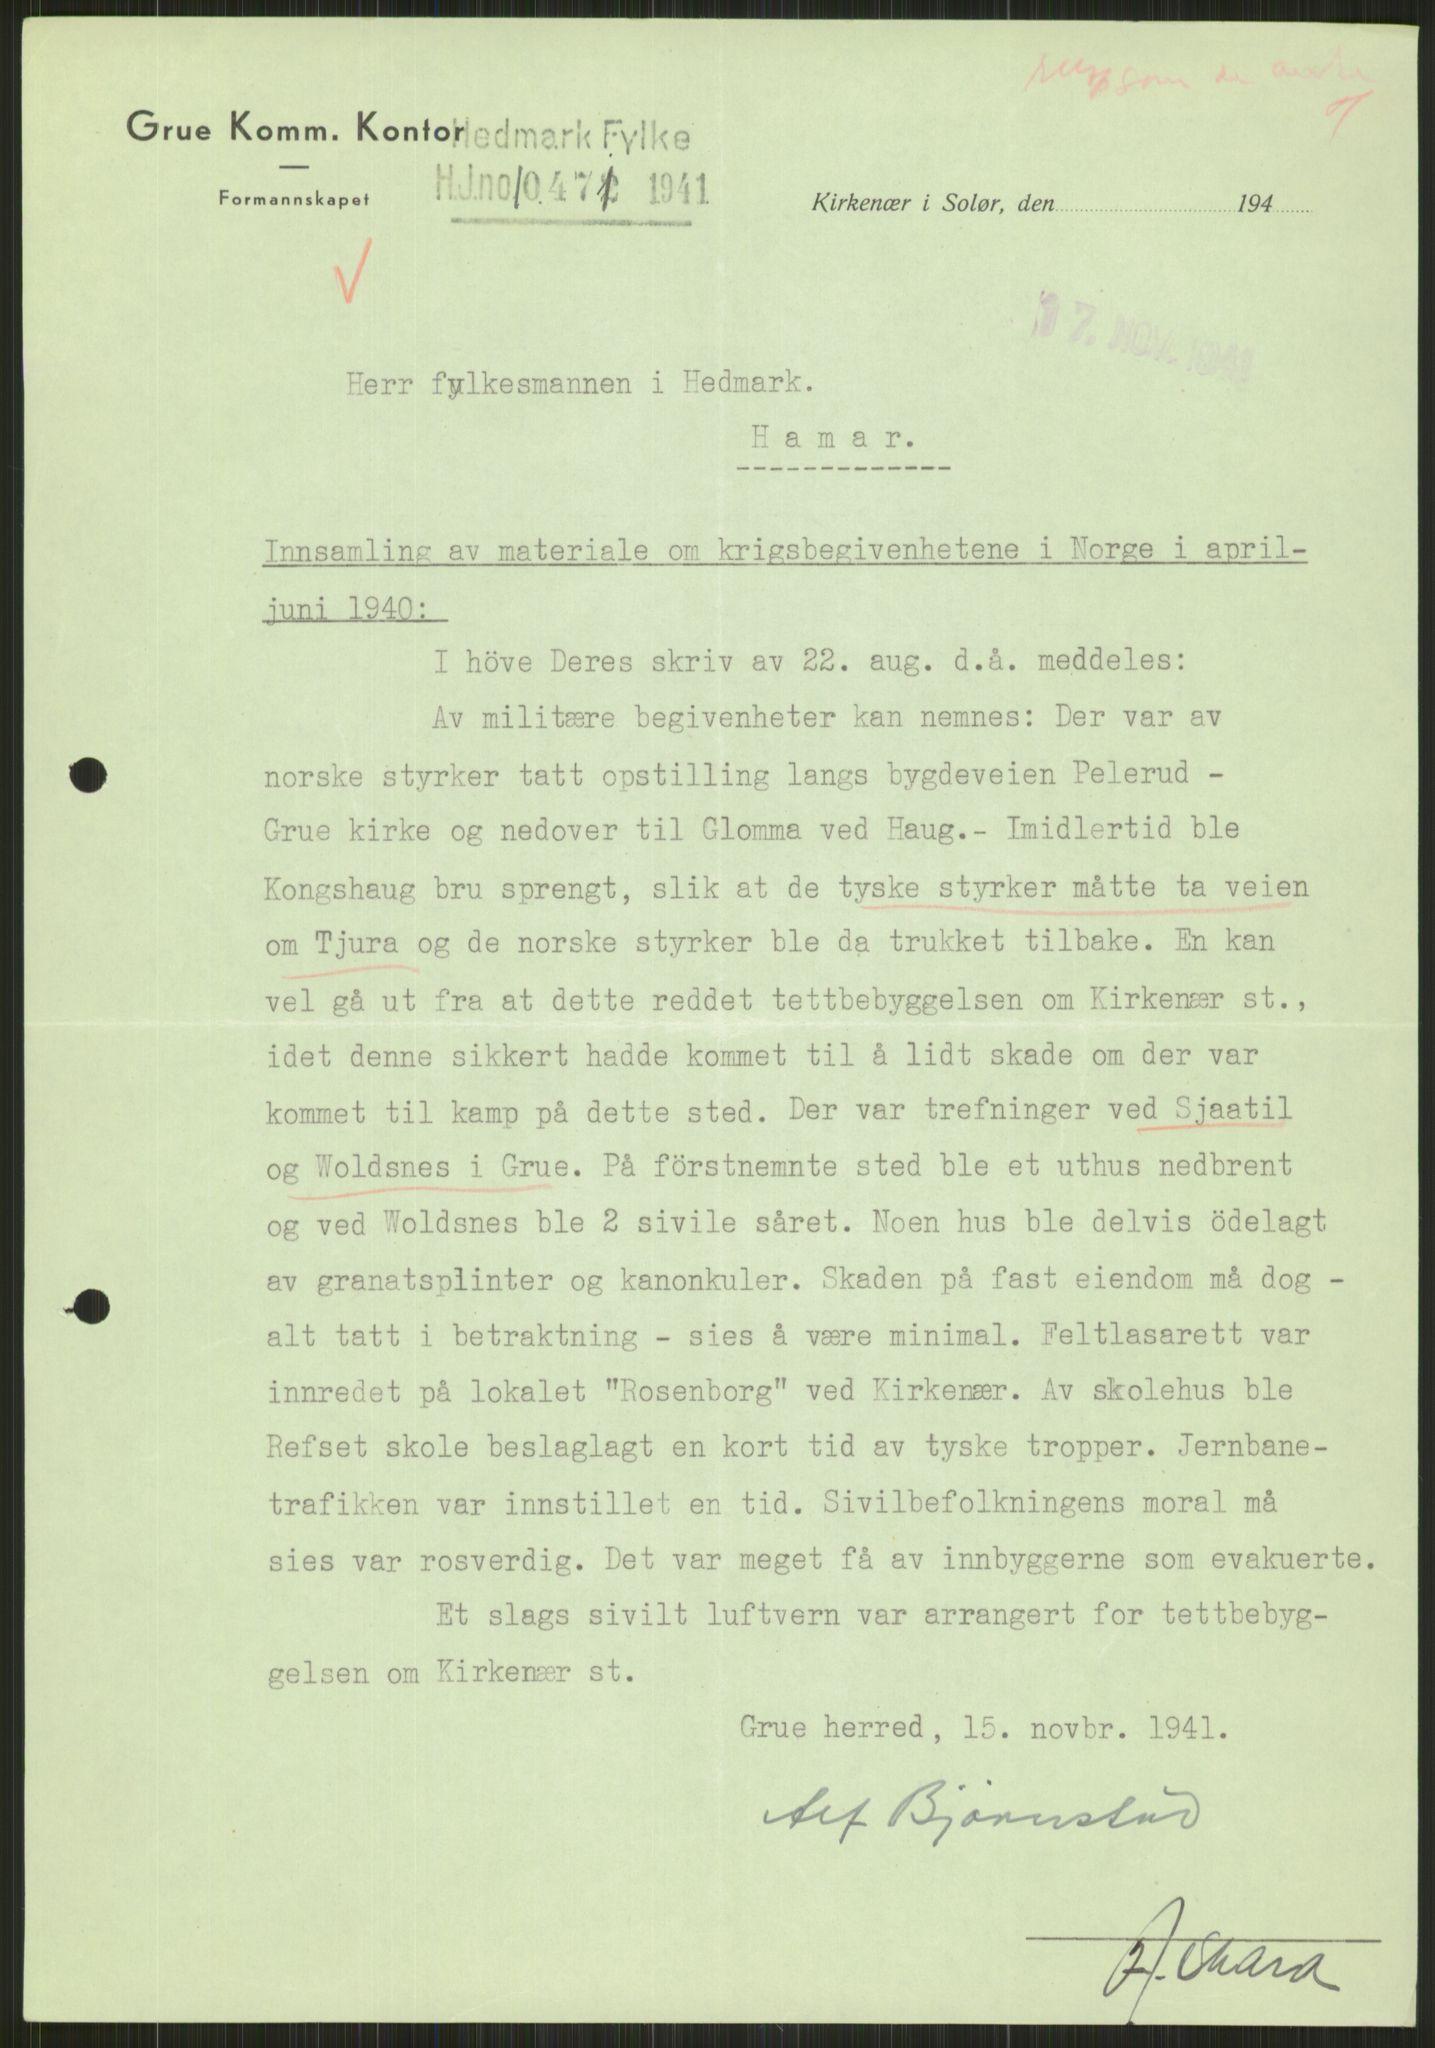 RA, Forsvaret, Forsvarets krigshistoriske avdeling, Y/Ya/L0013: II-C-11-31 - Fylkesmenn.  Rapporter om krigsbegivenhetene 1940., 1940, s. 888